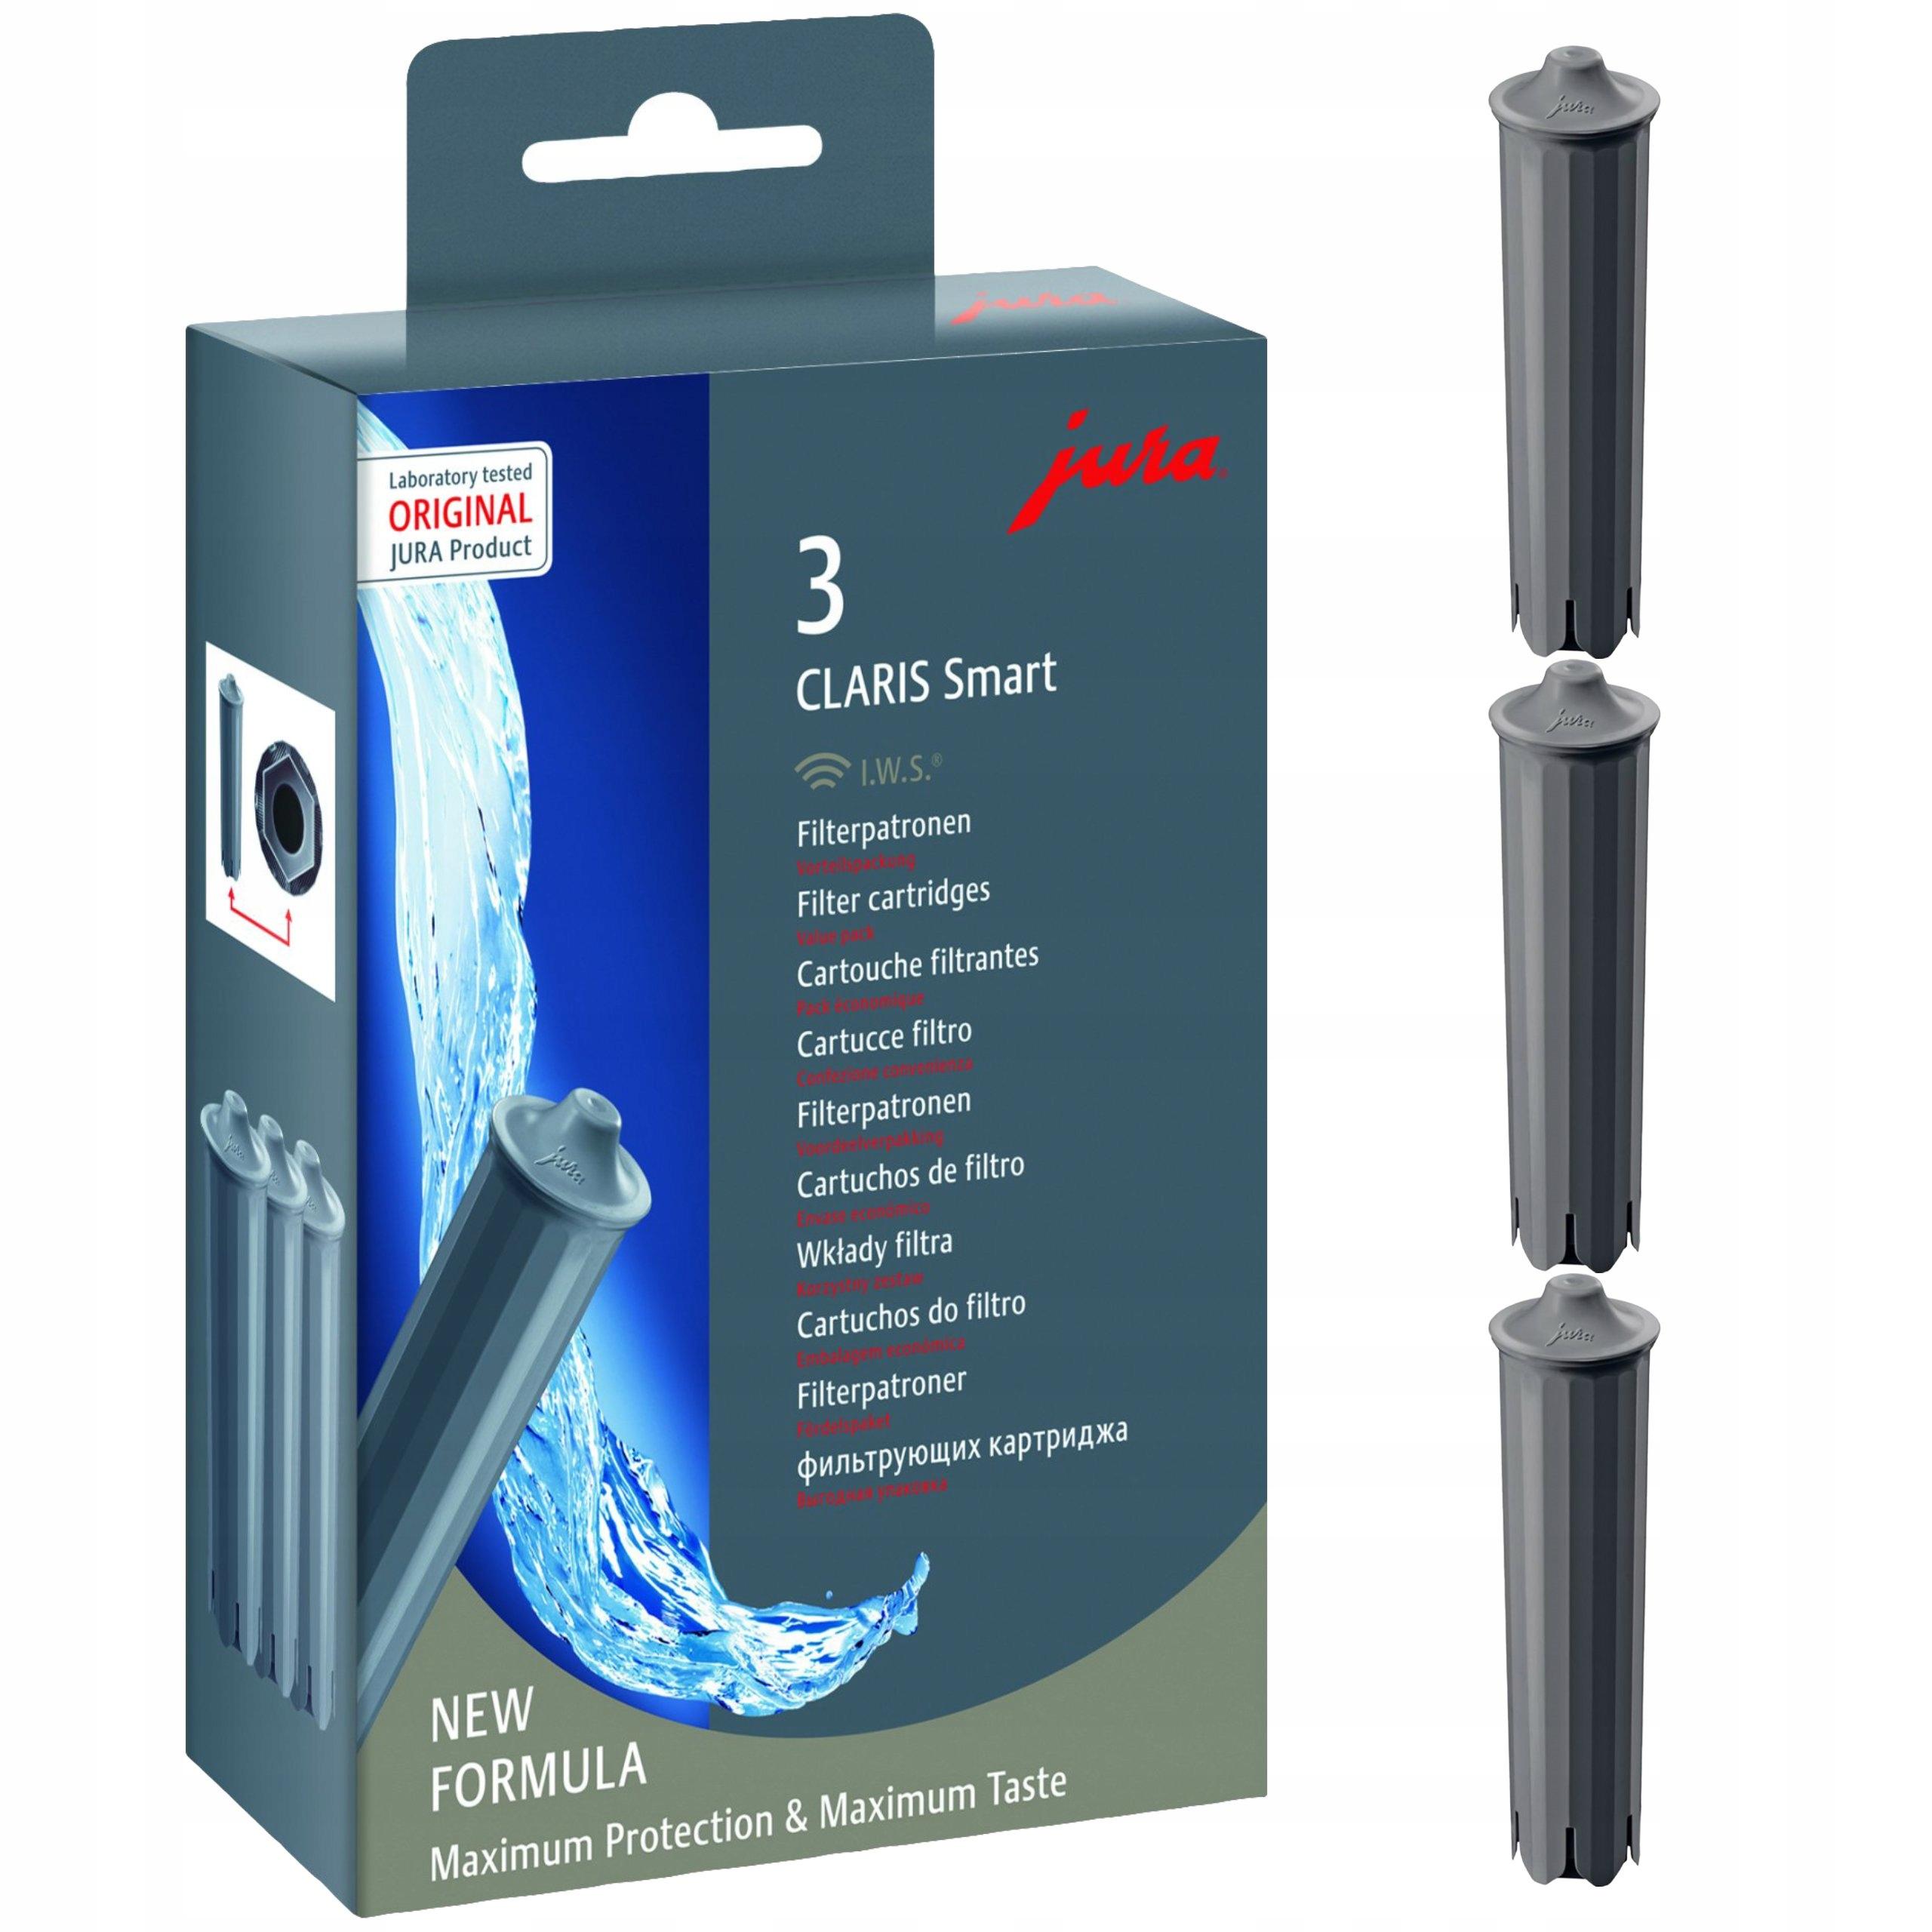 Фильтр для воды JURA CLARIS SMART ОРГ 3 ШТ / 3X